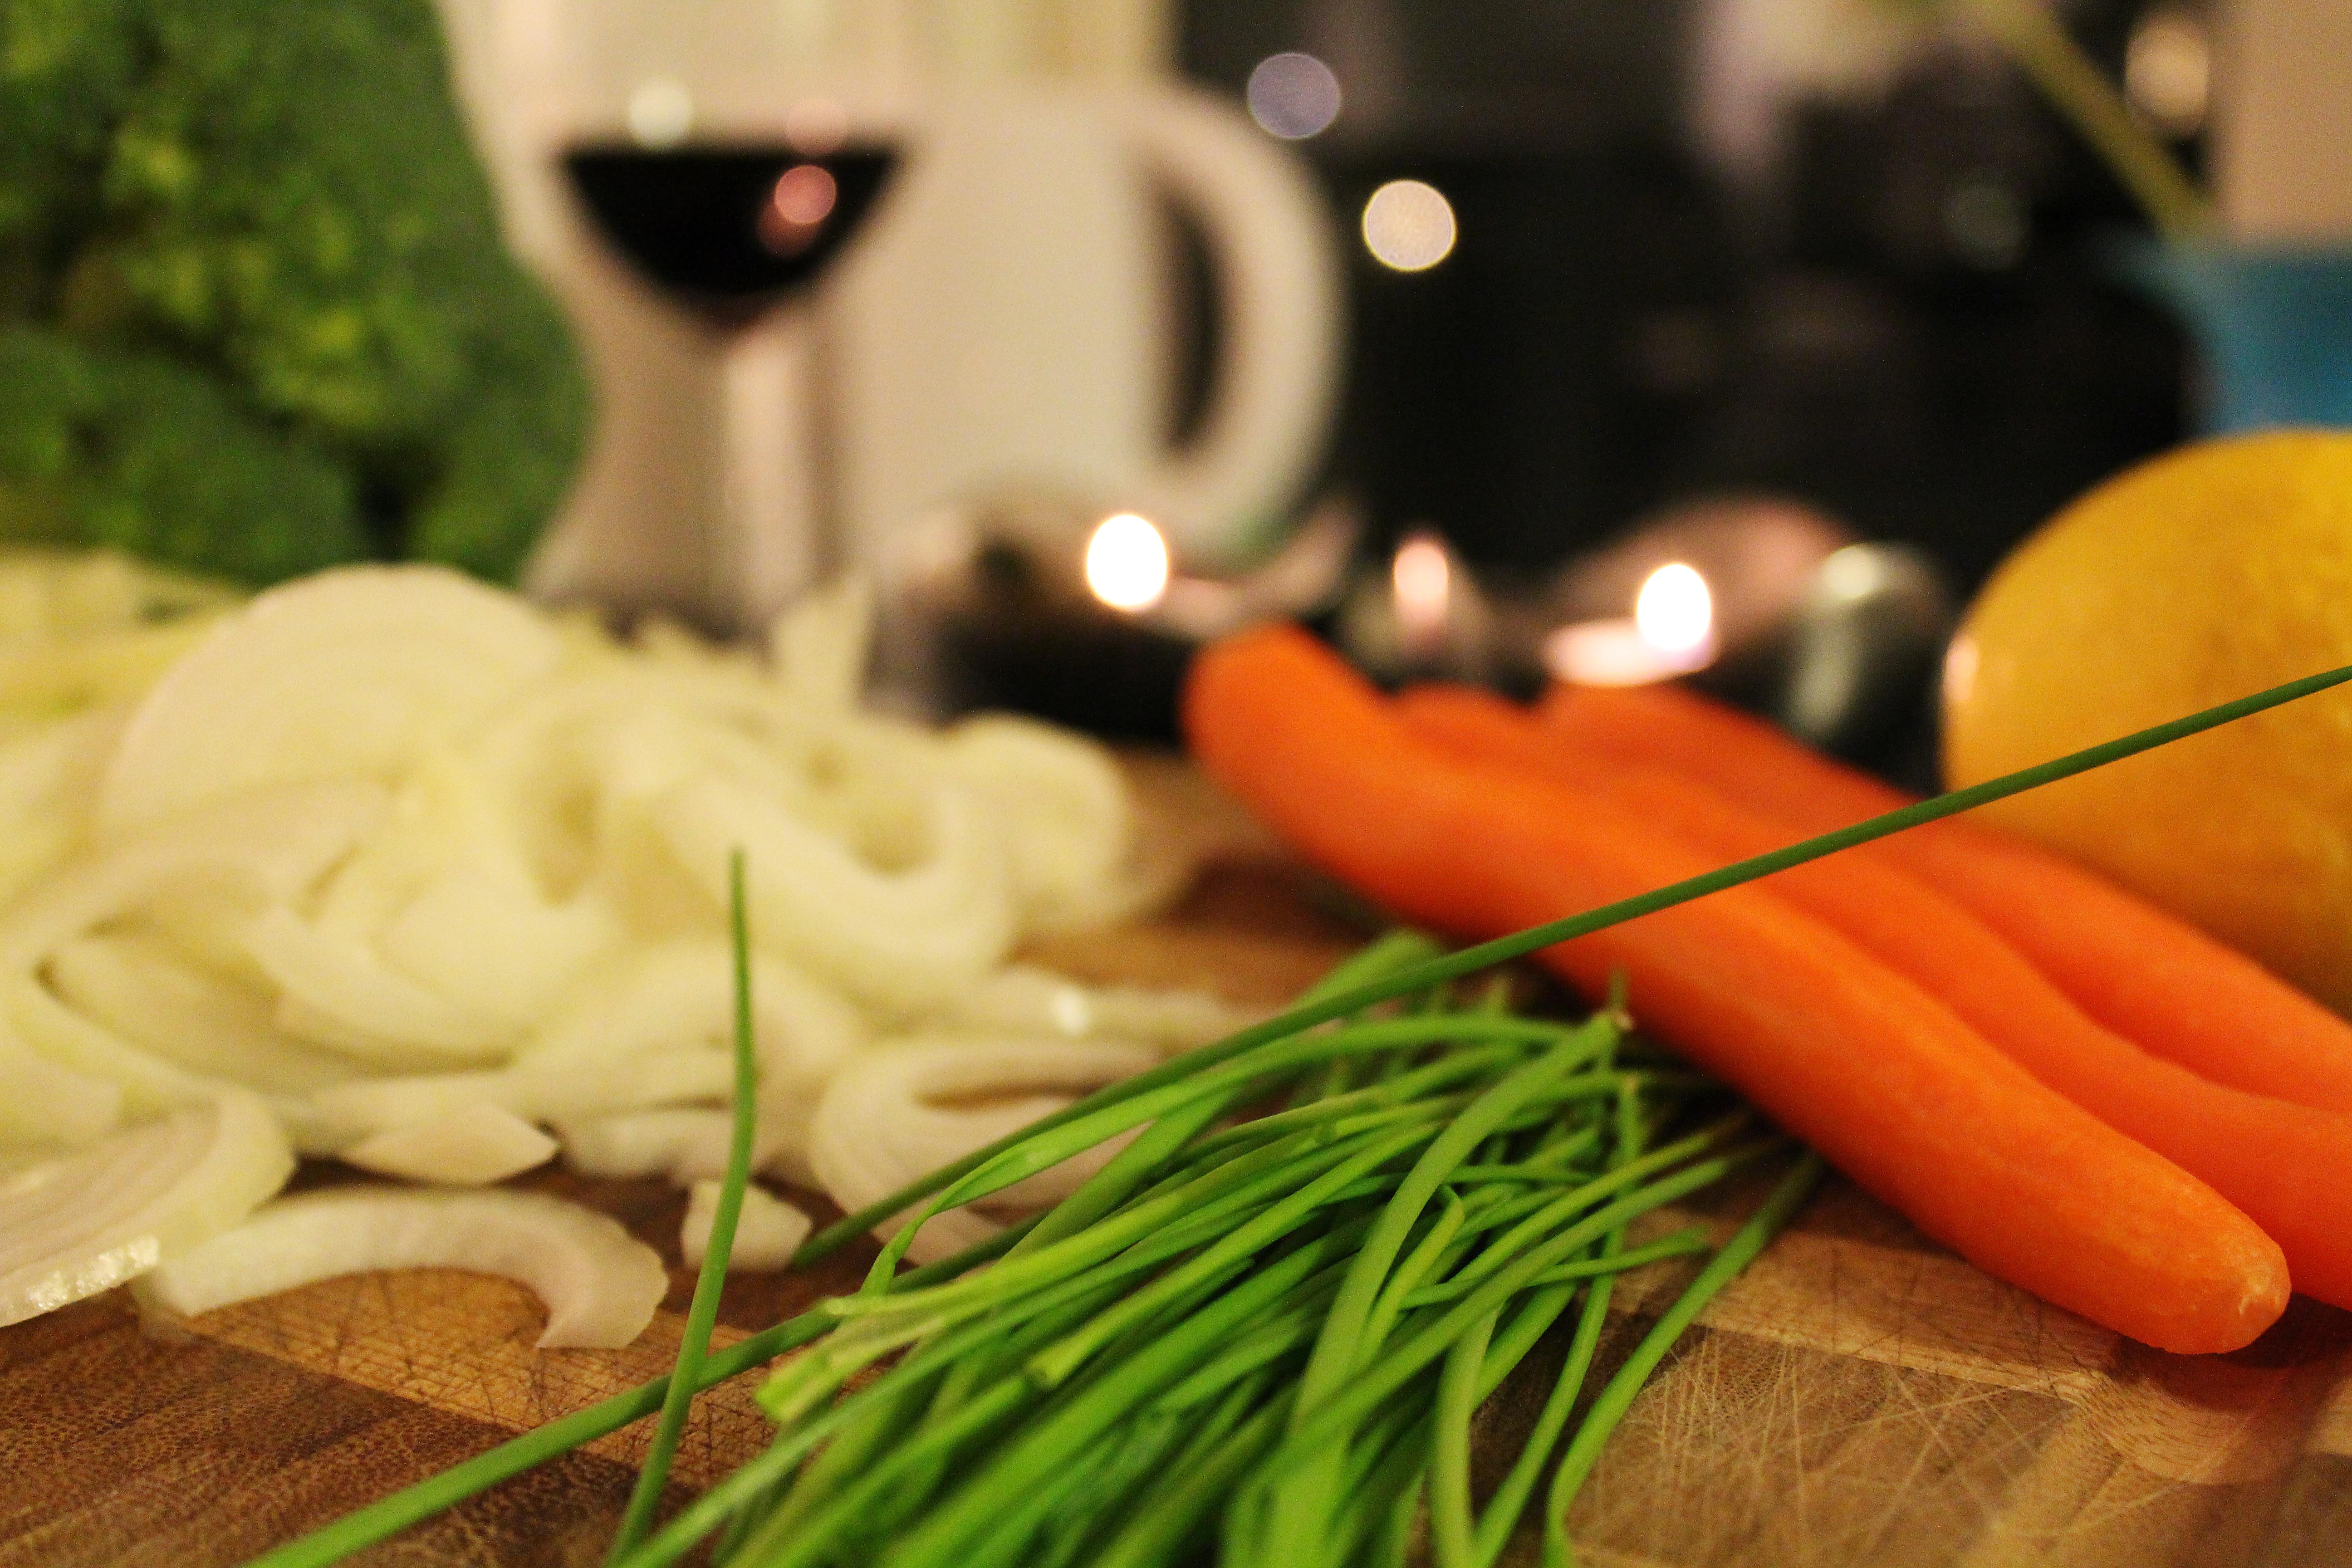 Darmowe Zdjęcia Danie Posiłek Jedzenie Produkować